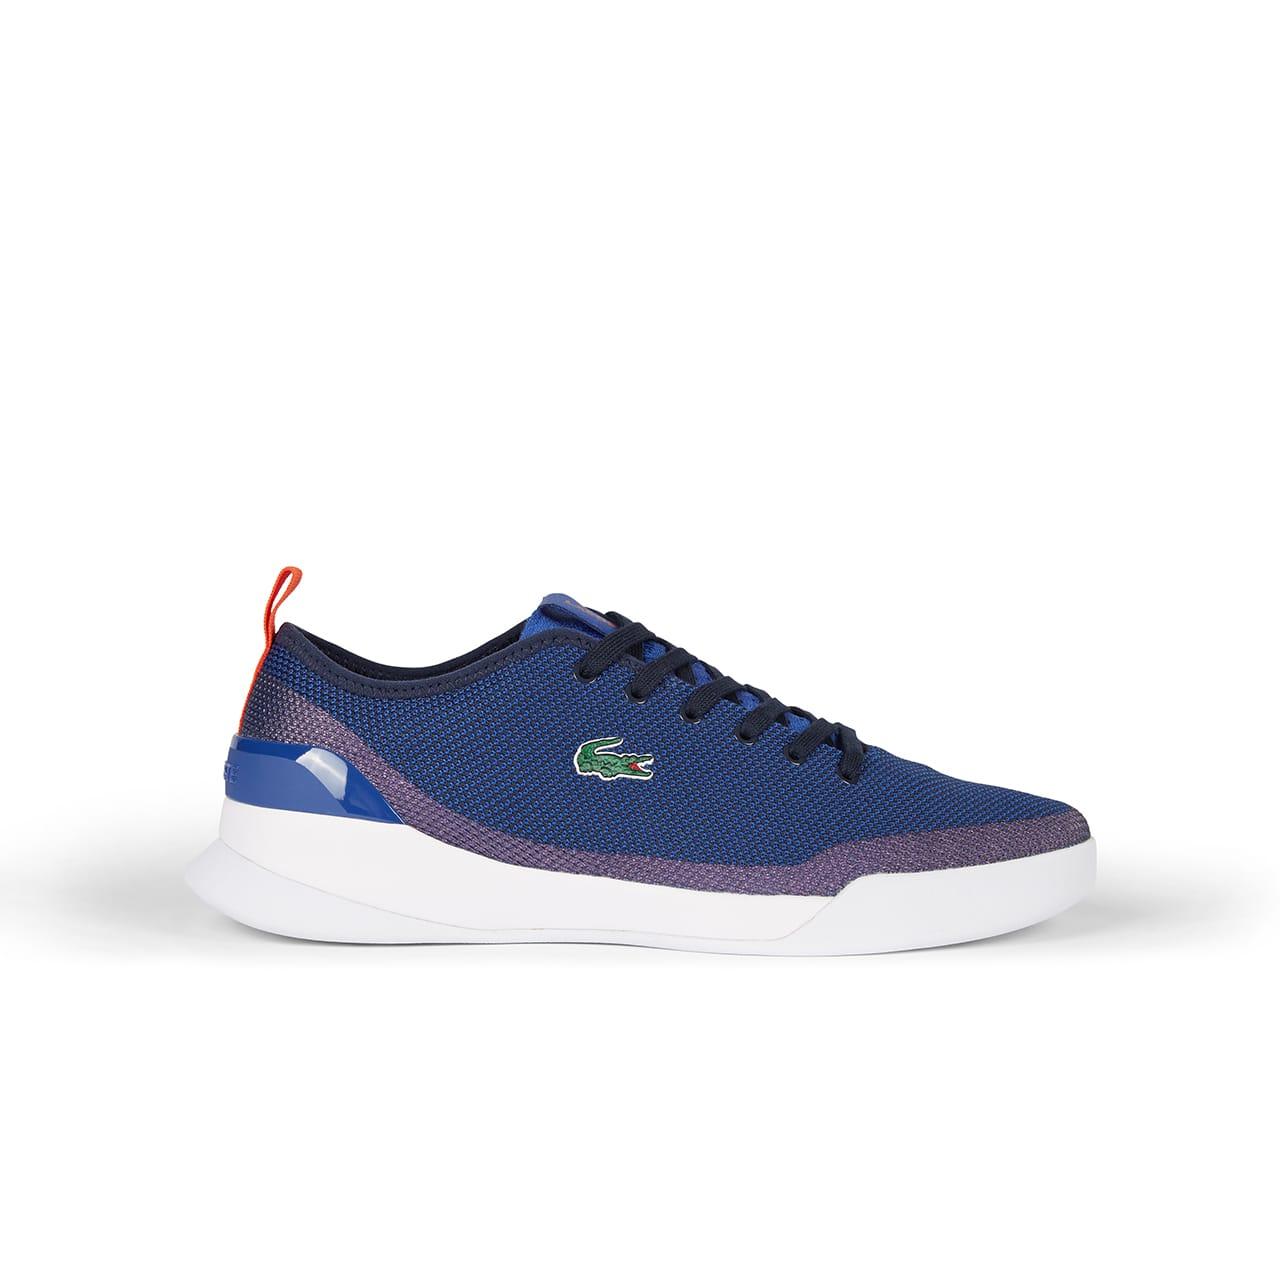 Men's LT Dual Textile Sneakers